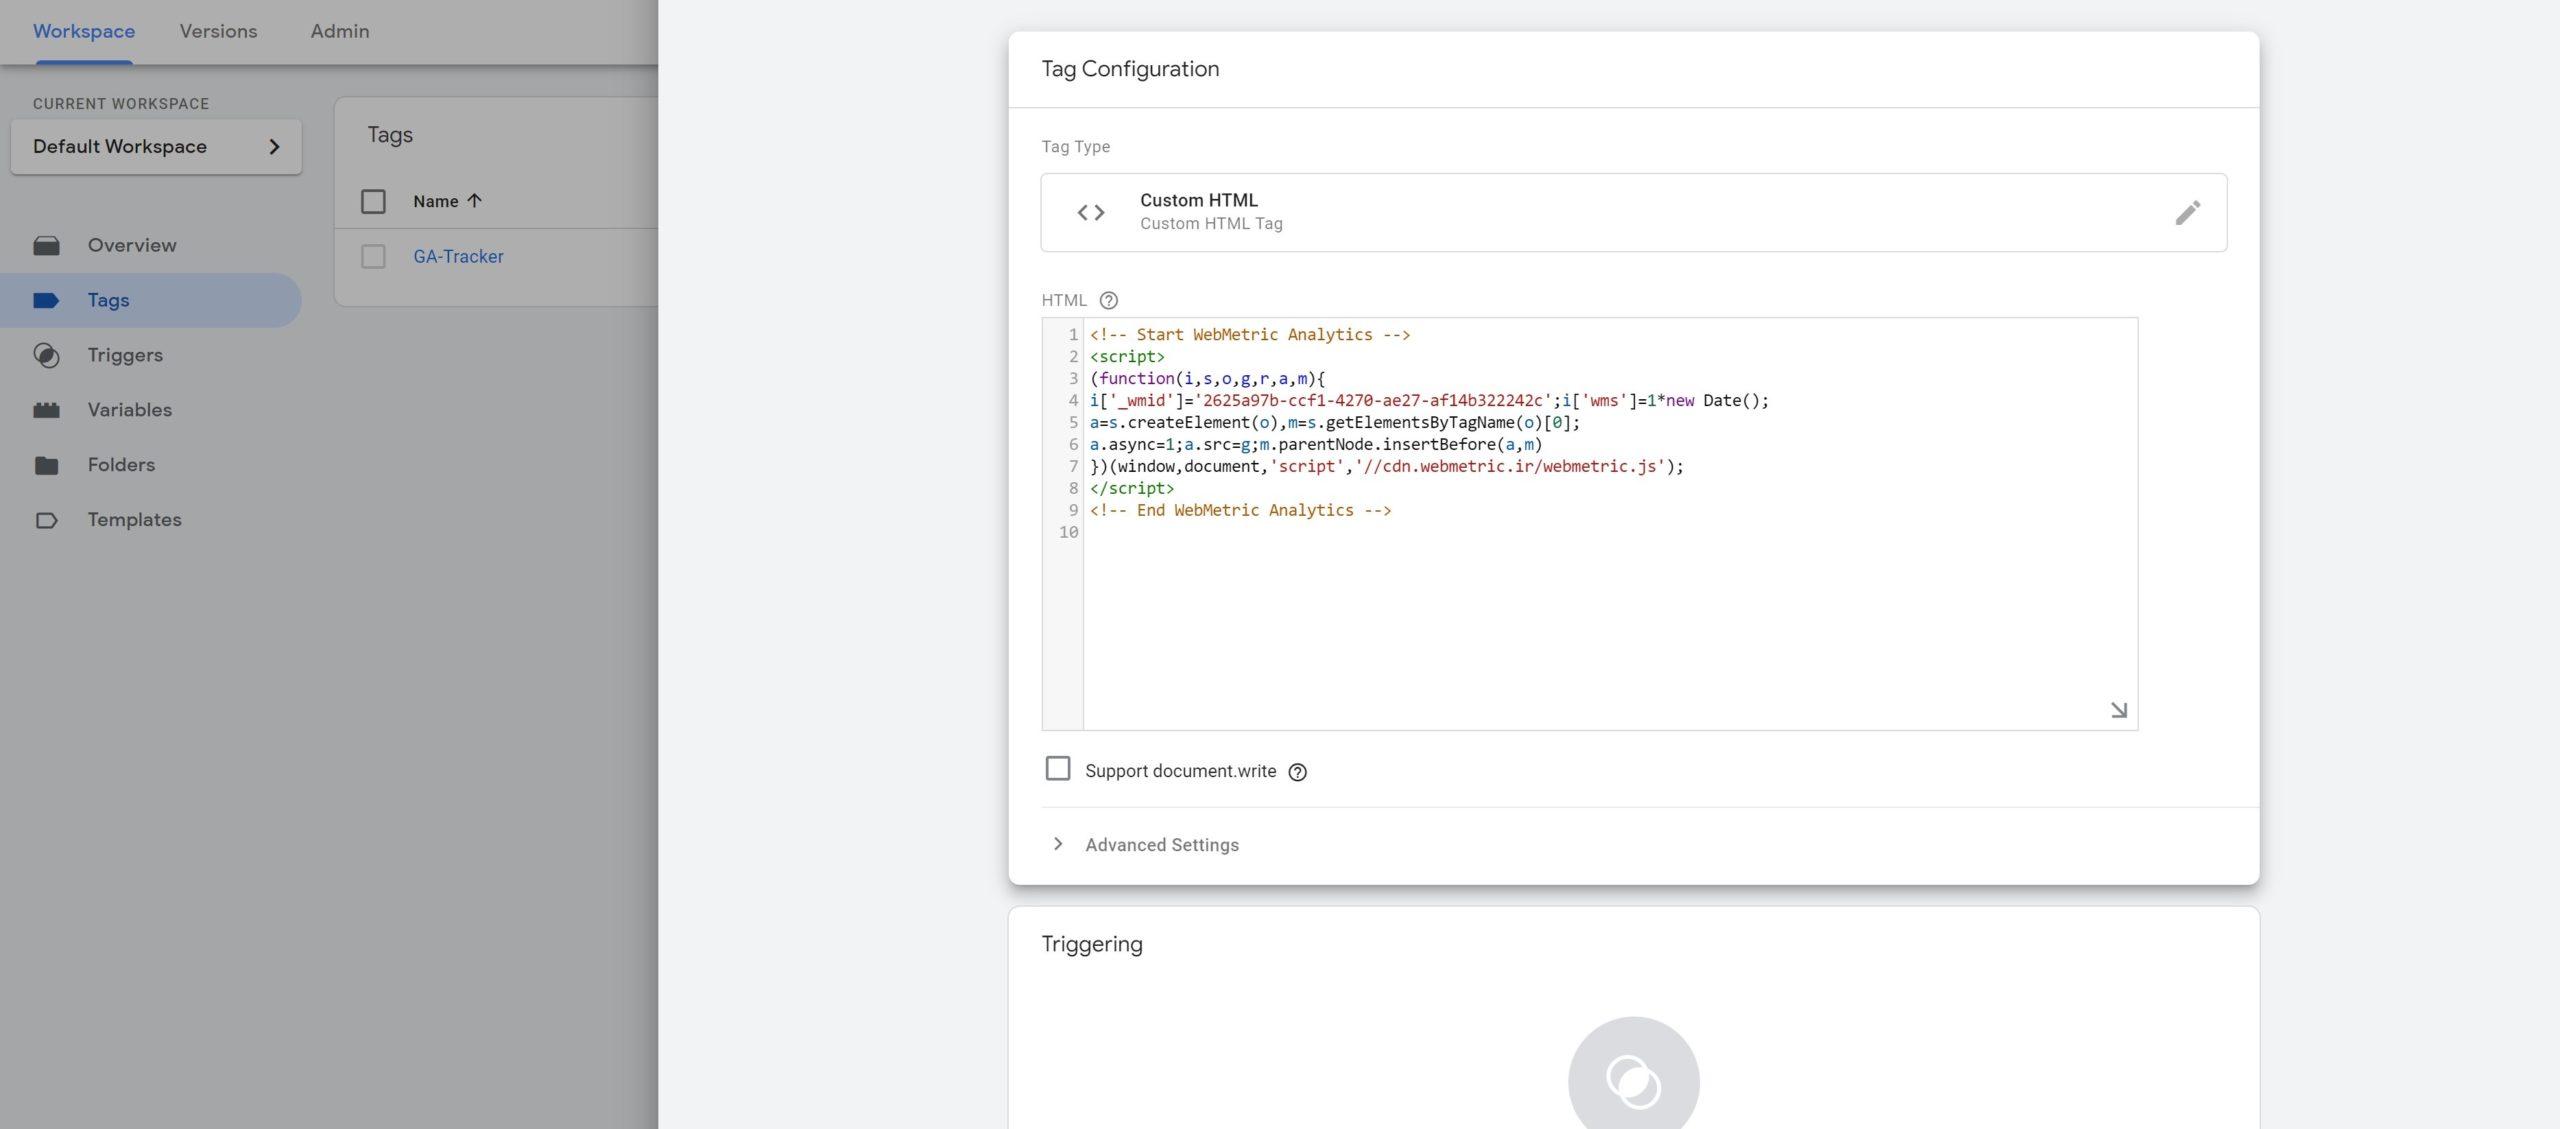 نصب کد اتصال وب متریک توسط گوگل تگ منیجر